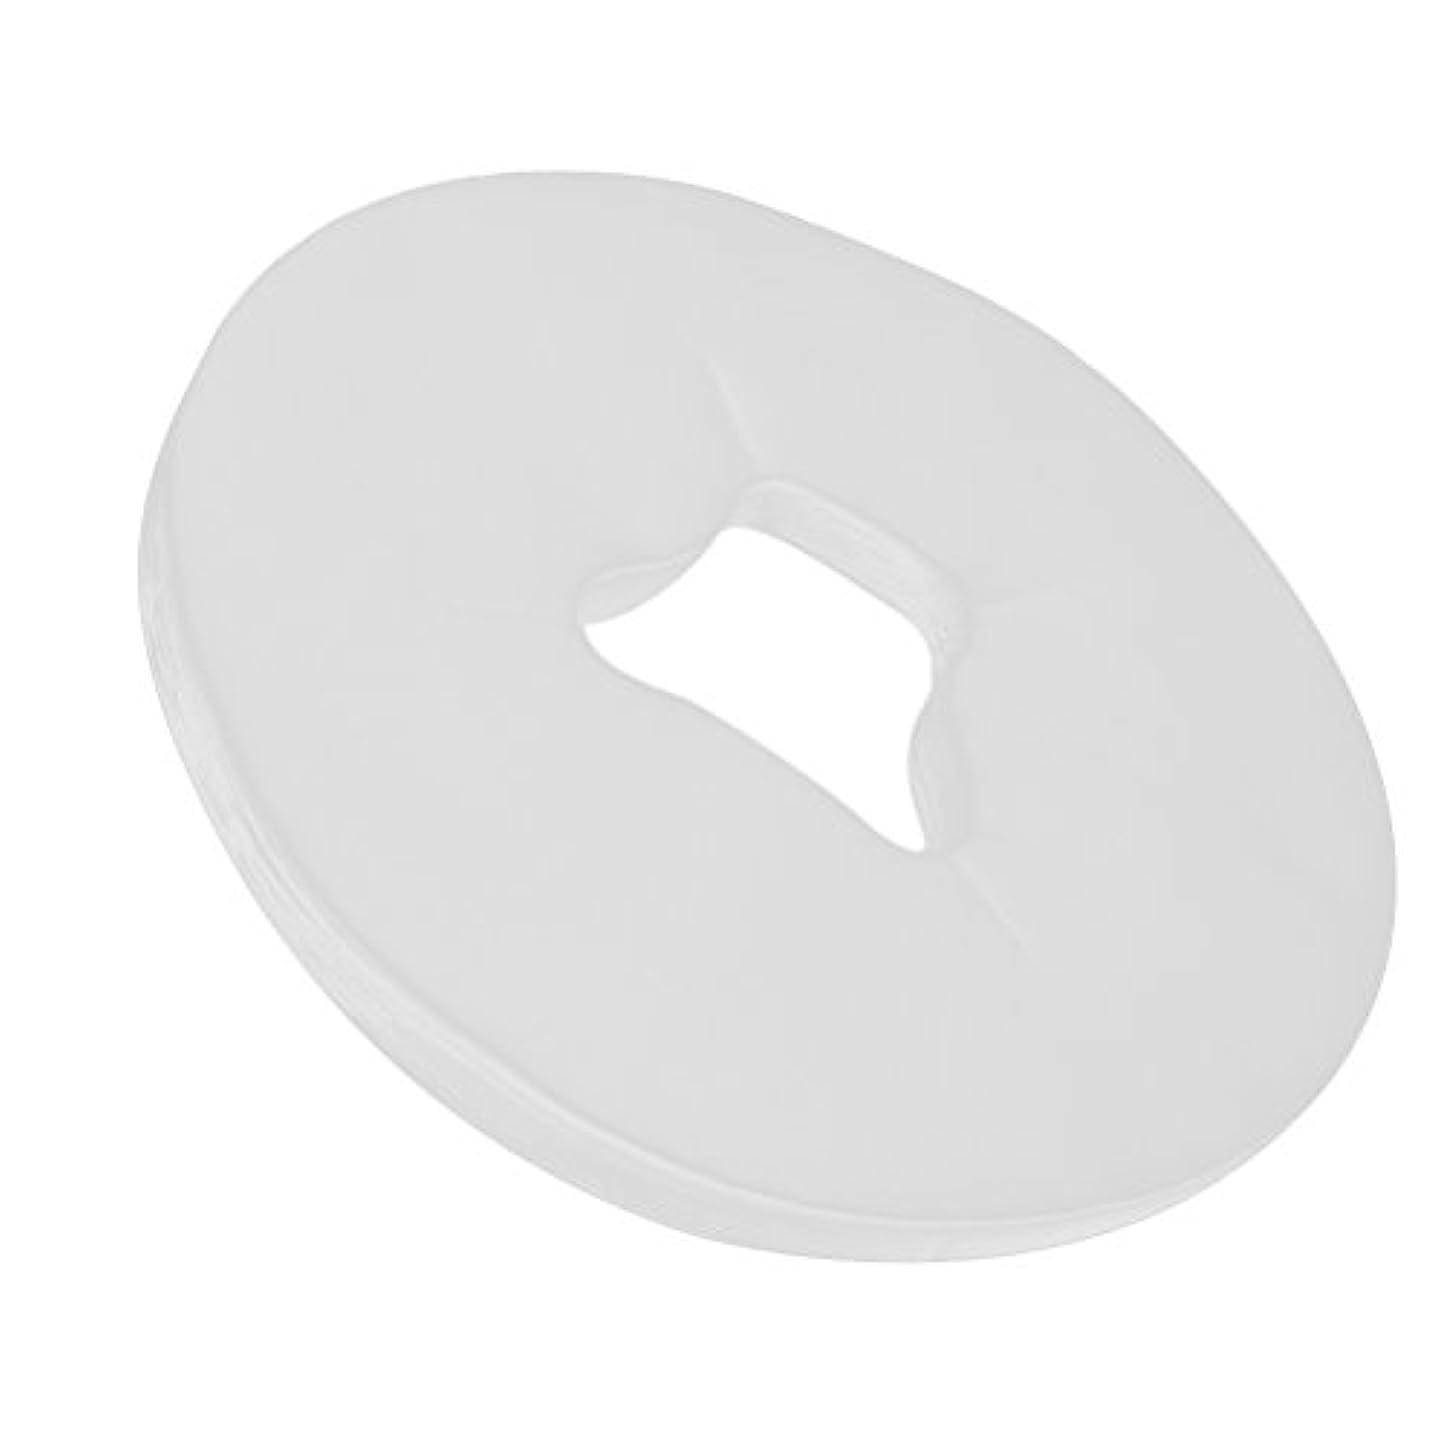 常に参照予防接種するHealifty 100Pcs使い捨て可能な表面揺りかごはマッサージのテーブルのためのマッサージの表面残りカバーを覆います